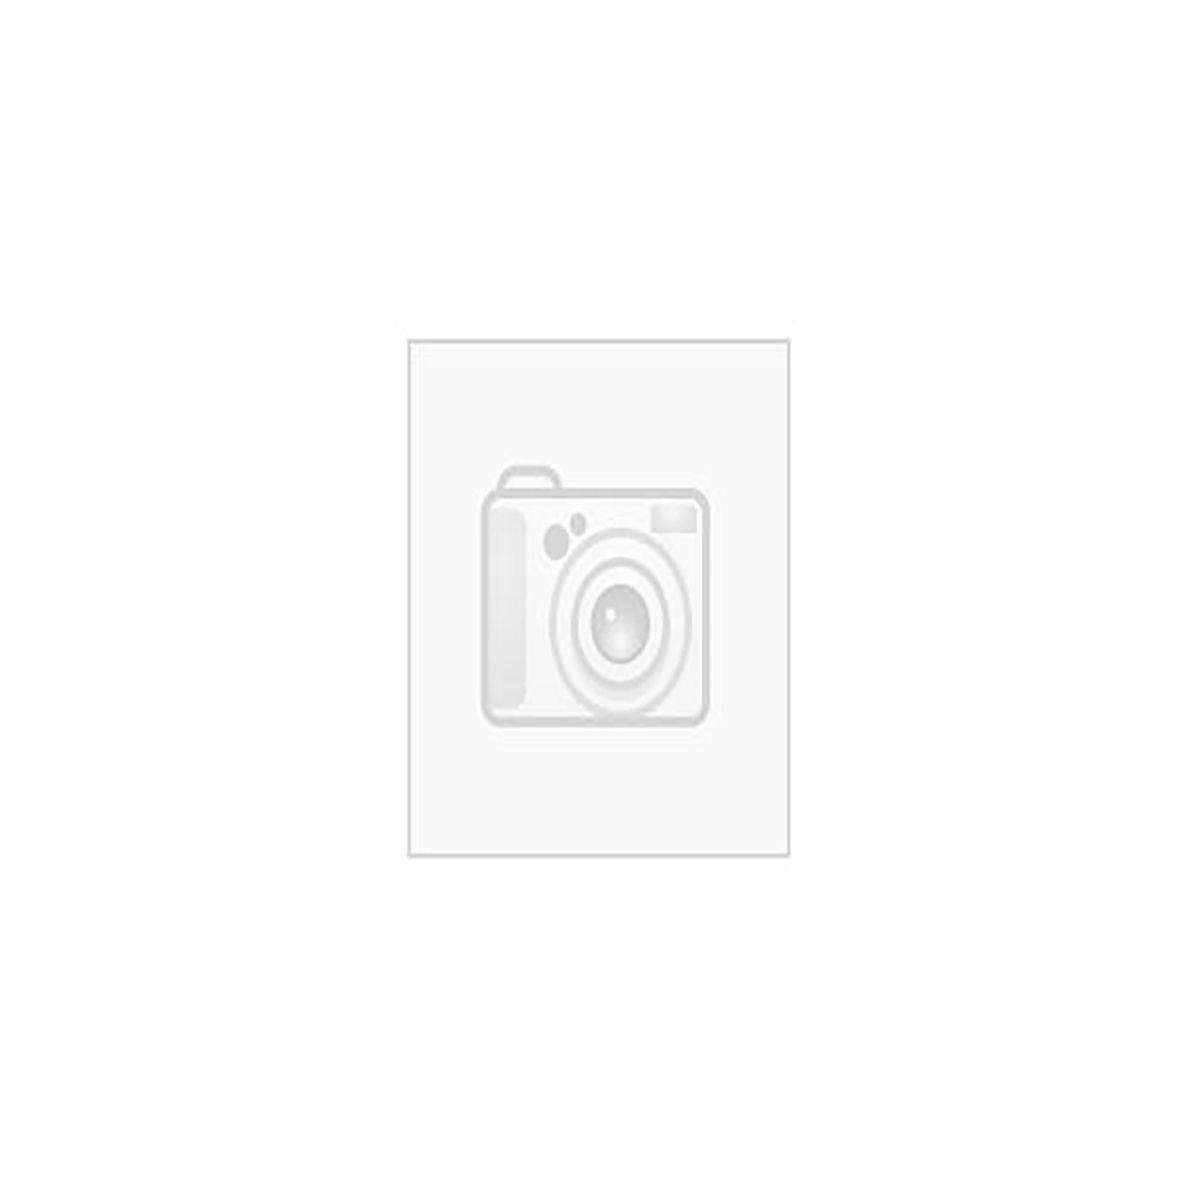 Servantbatteri Oras Inspera 3016F/FT, berøringsfri